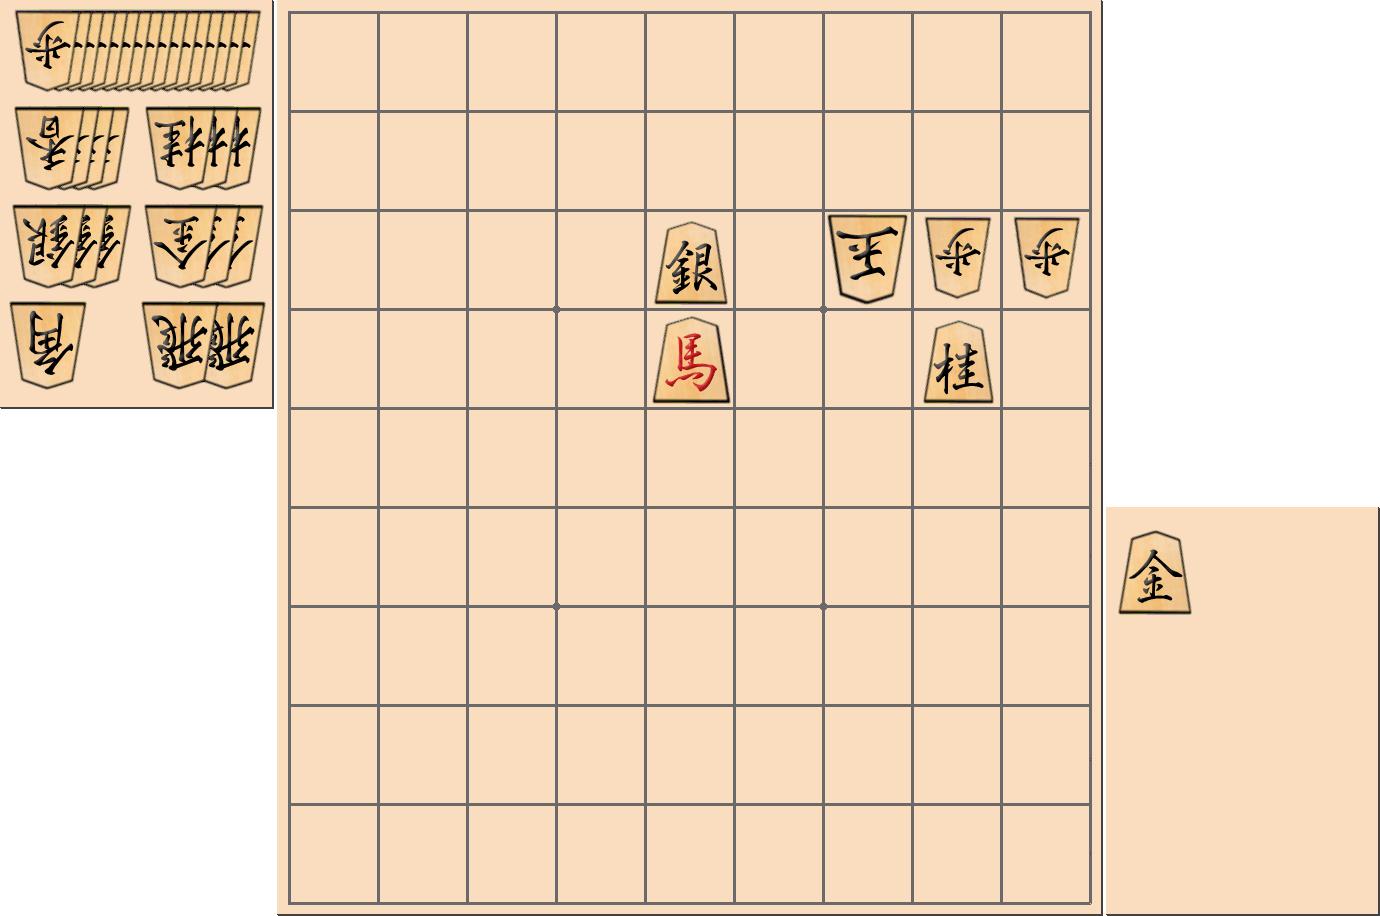 詰将棋:3手詰の問題と解答・解説【第14問】